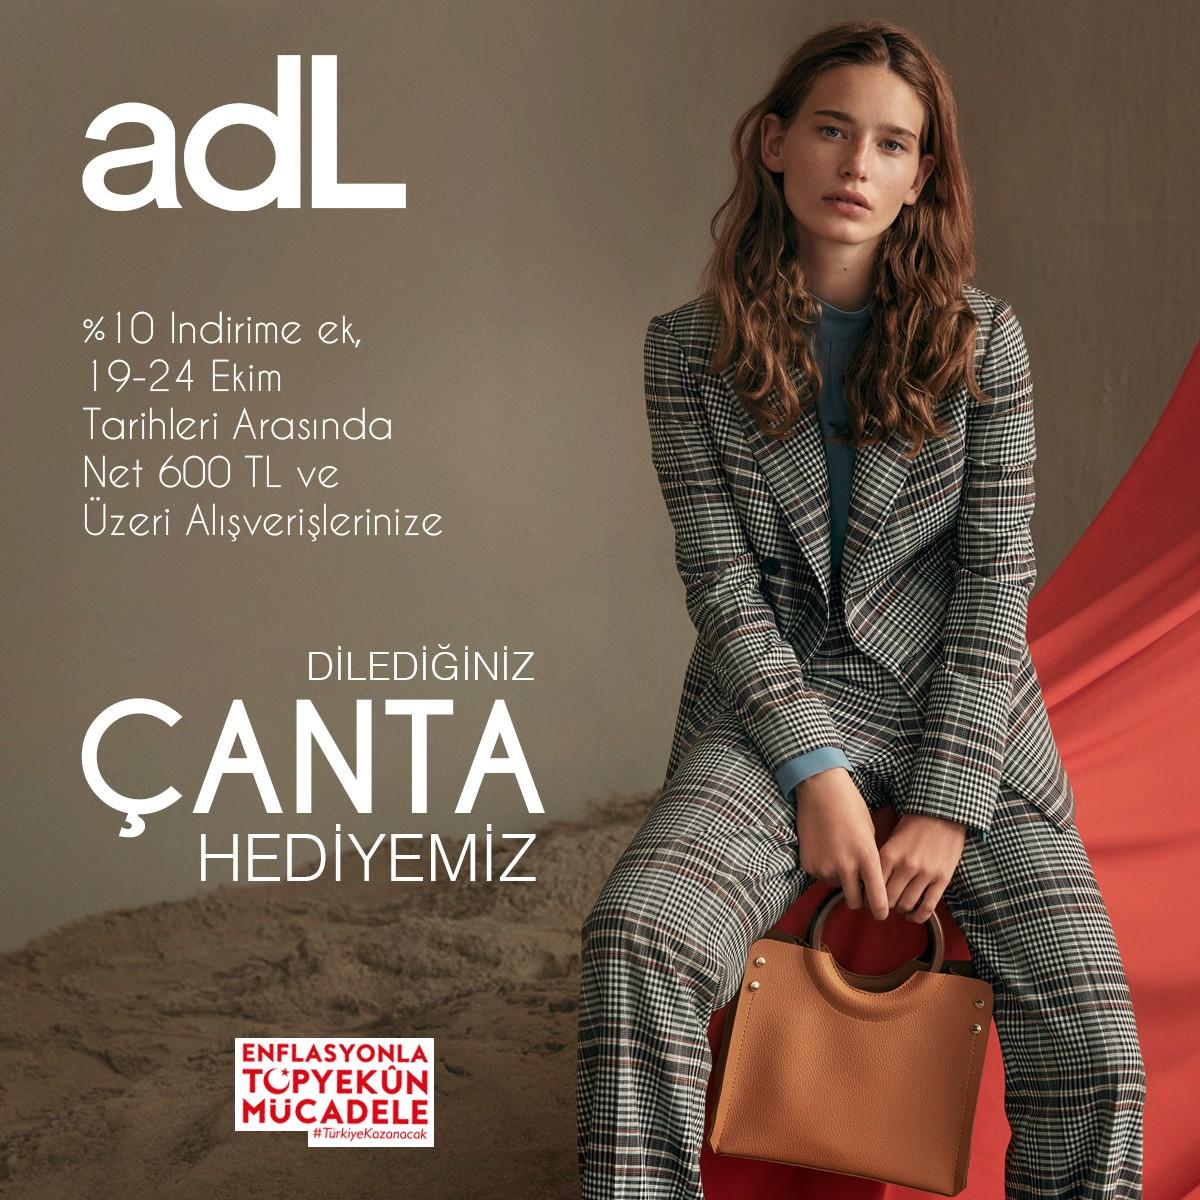 adL'de tüm ürünlerde %10 indirime ek, 24 Ekim'e kadar net 600TL alışverişinize çanta hediye! Kampanya koşulları ile ilgili detaylı bilgi için #AntalyaMigros AVM adL mağazasını ziyaret edebilirsiniz.